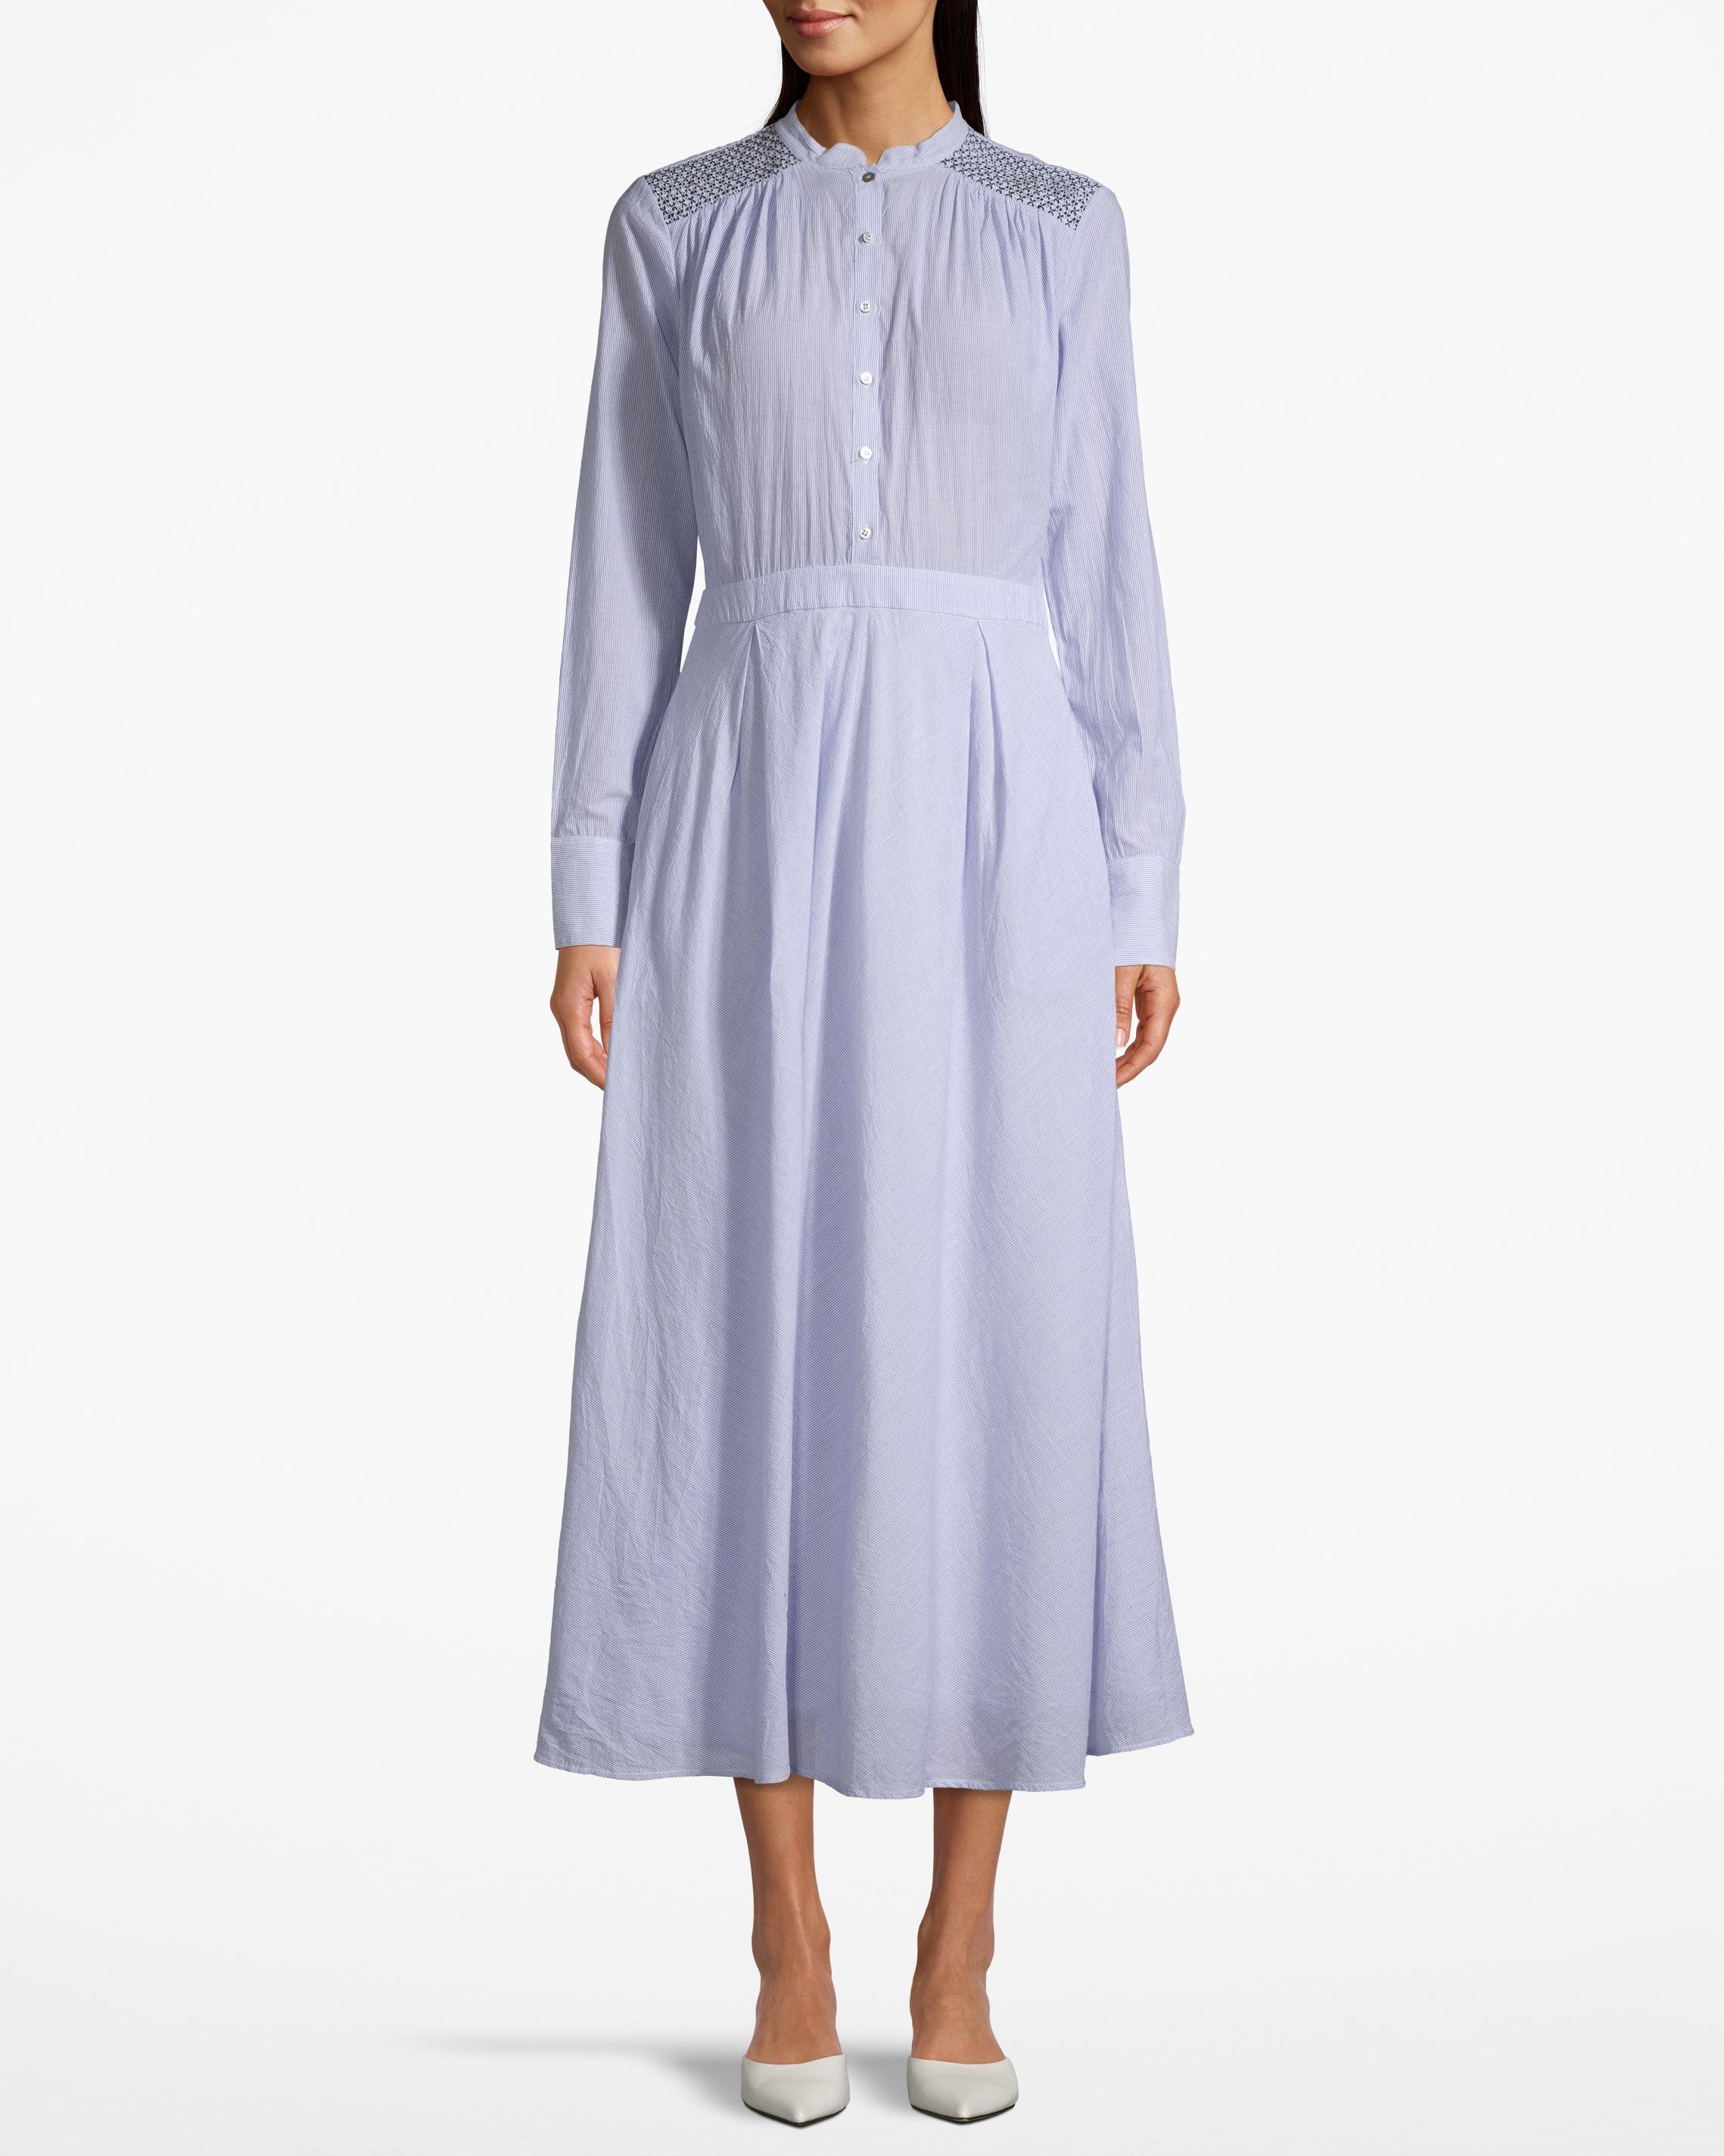 Day Rainfall Dress Powder Blue - Ärmlös plisserad klänning med fina avskärningar. Fodrad. Kemtvätt.